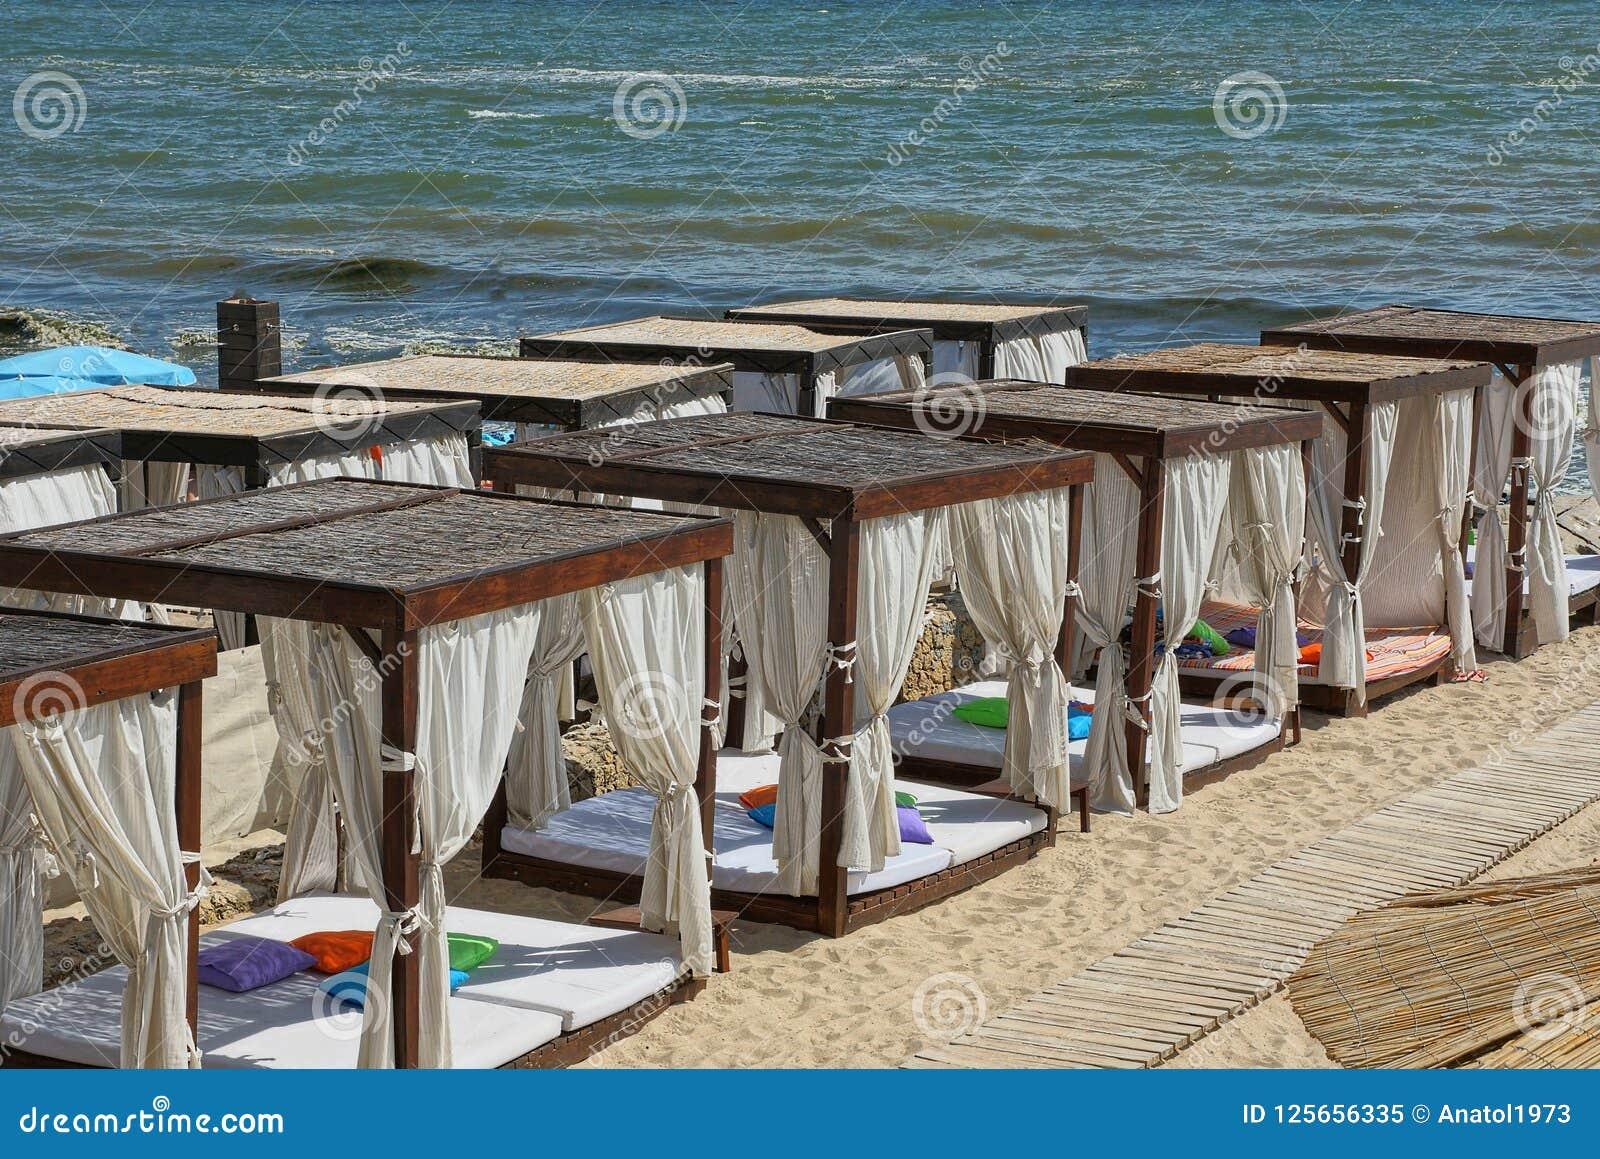 Eine Reihe von offenen Pavillons des Brauns mit weißen Vorhängen auf dem Strandsand nahe dem Meer